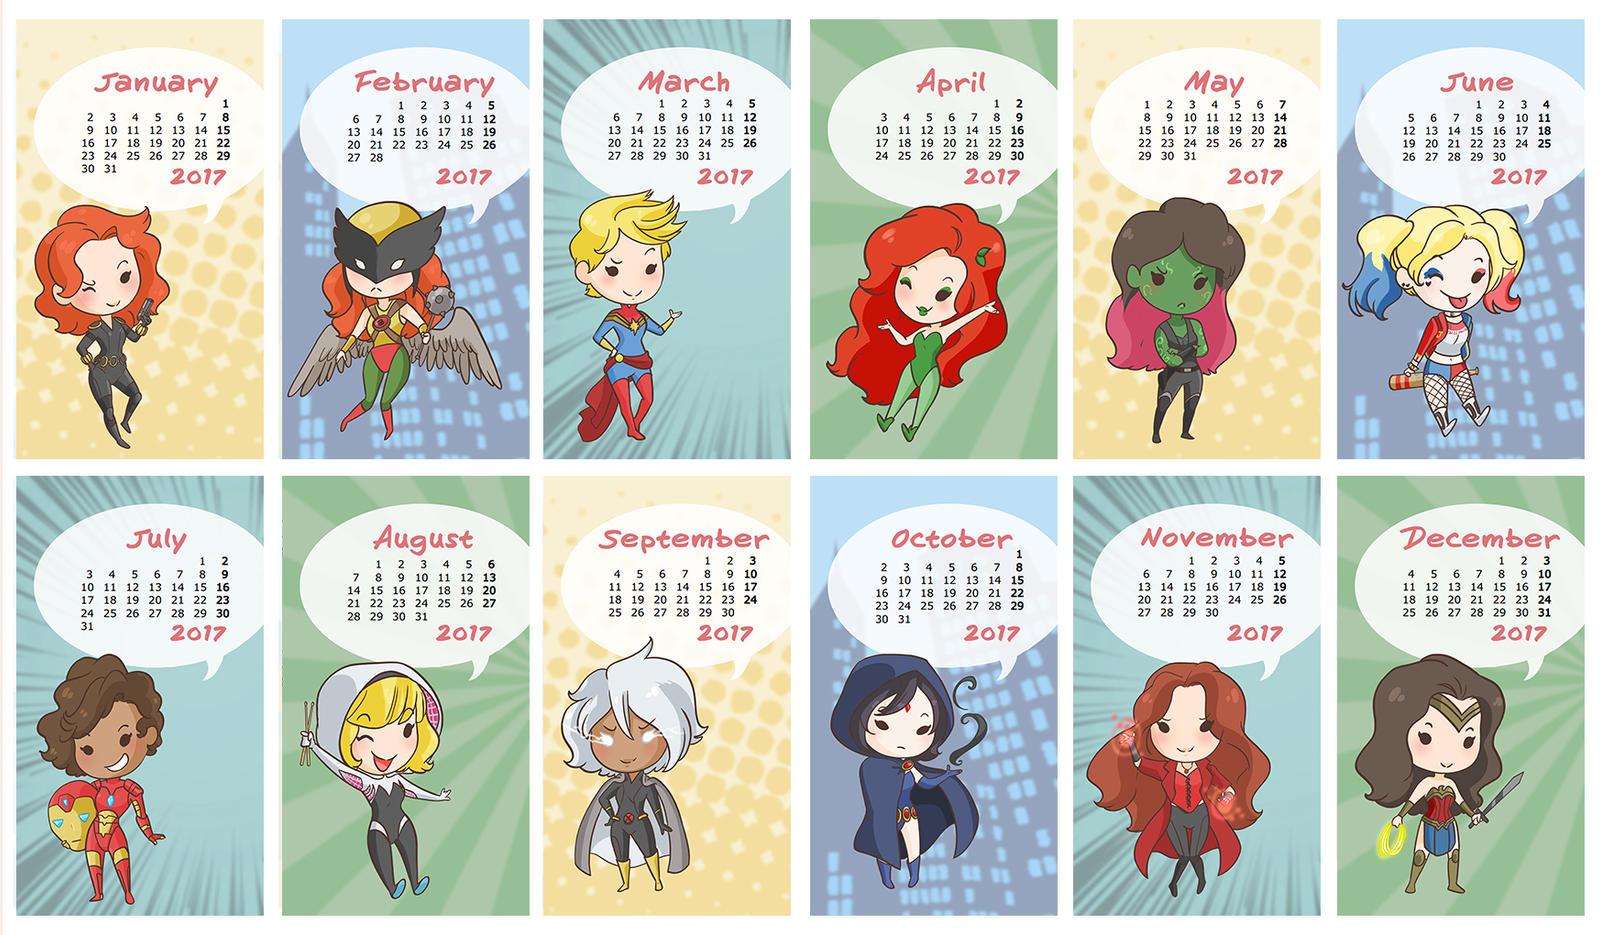 2017 Heroines Wallpaper Calendar By Fufunha 2017 Heroines Wallpaper Calendar  By Fufunha